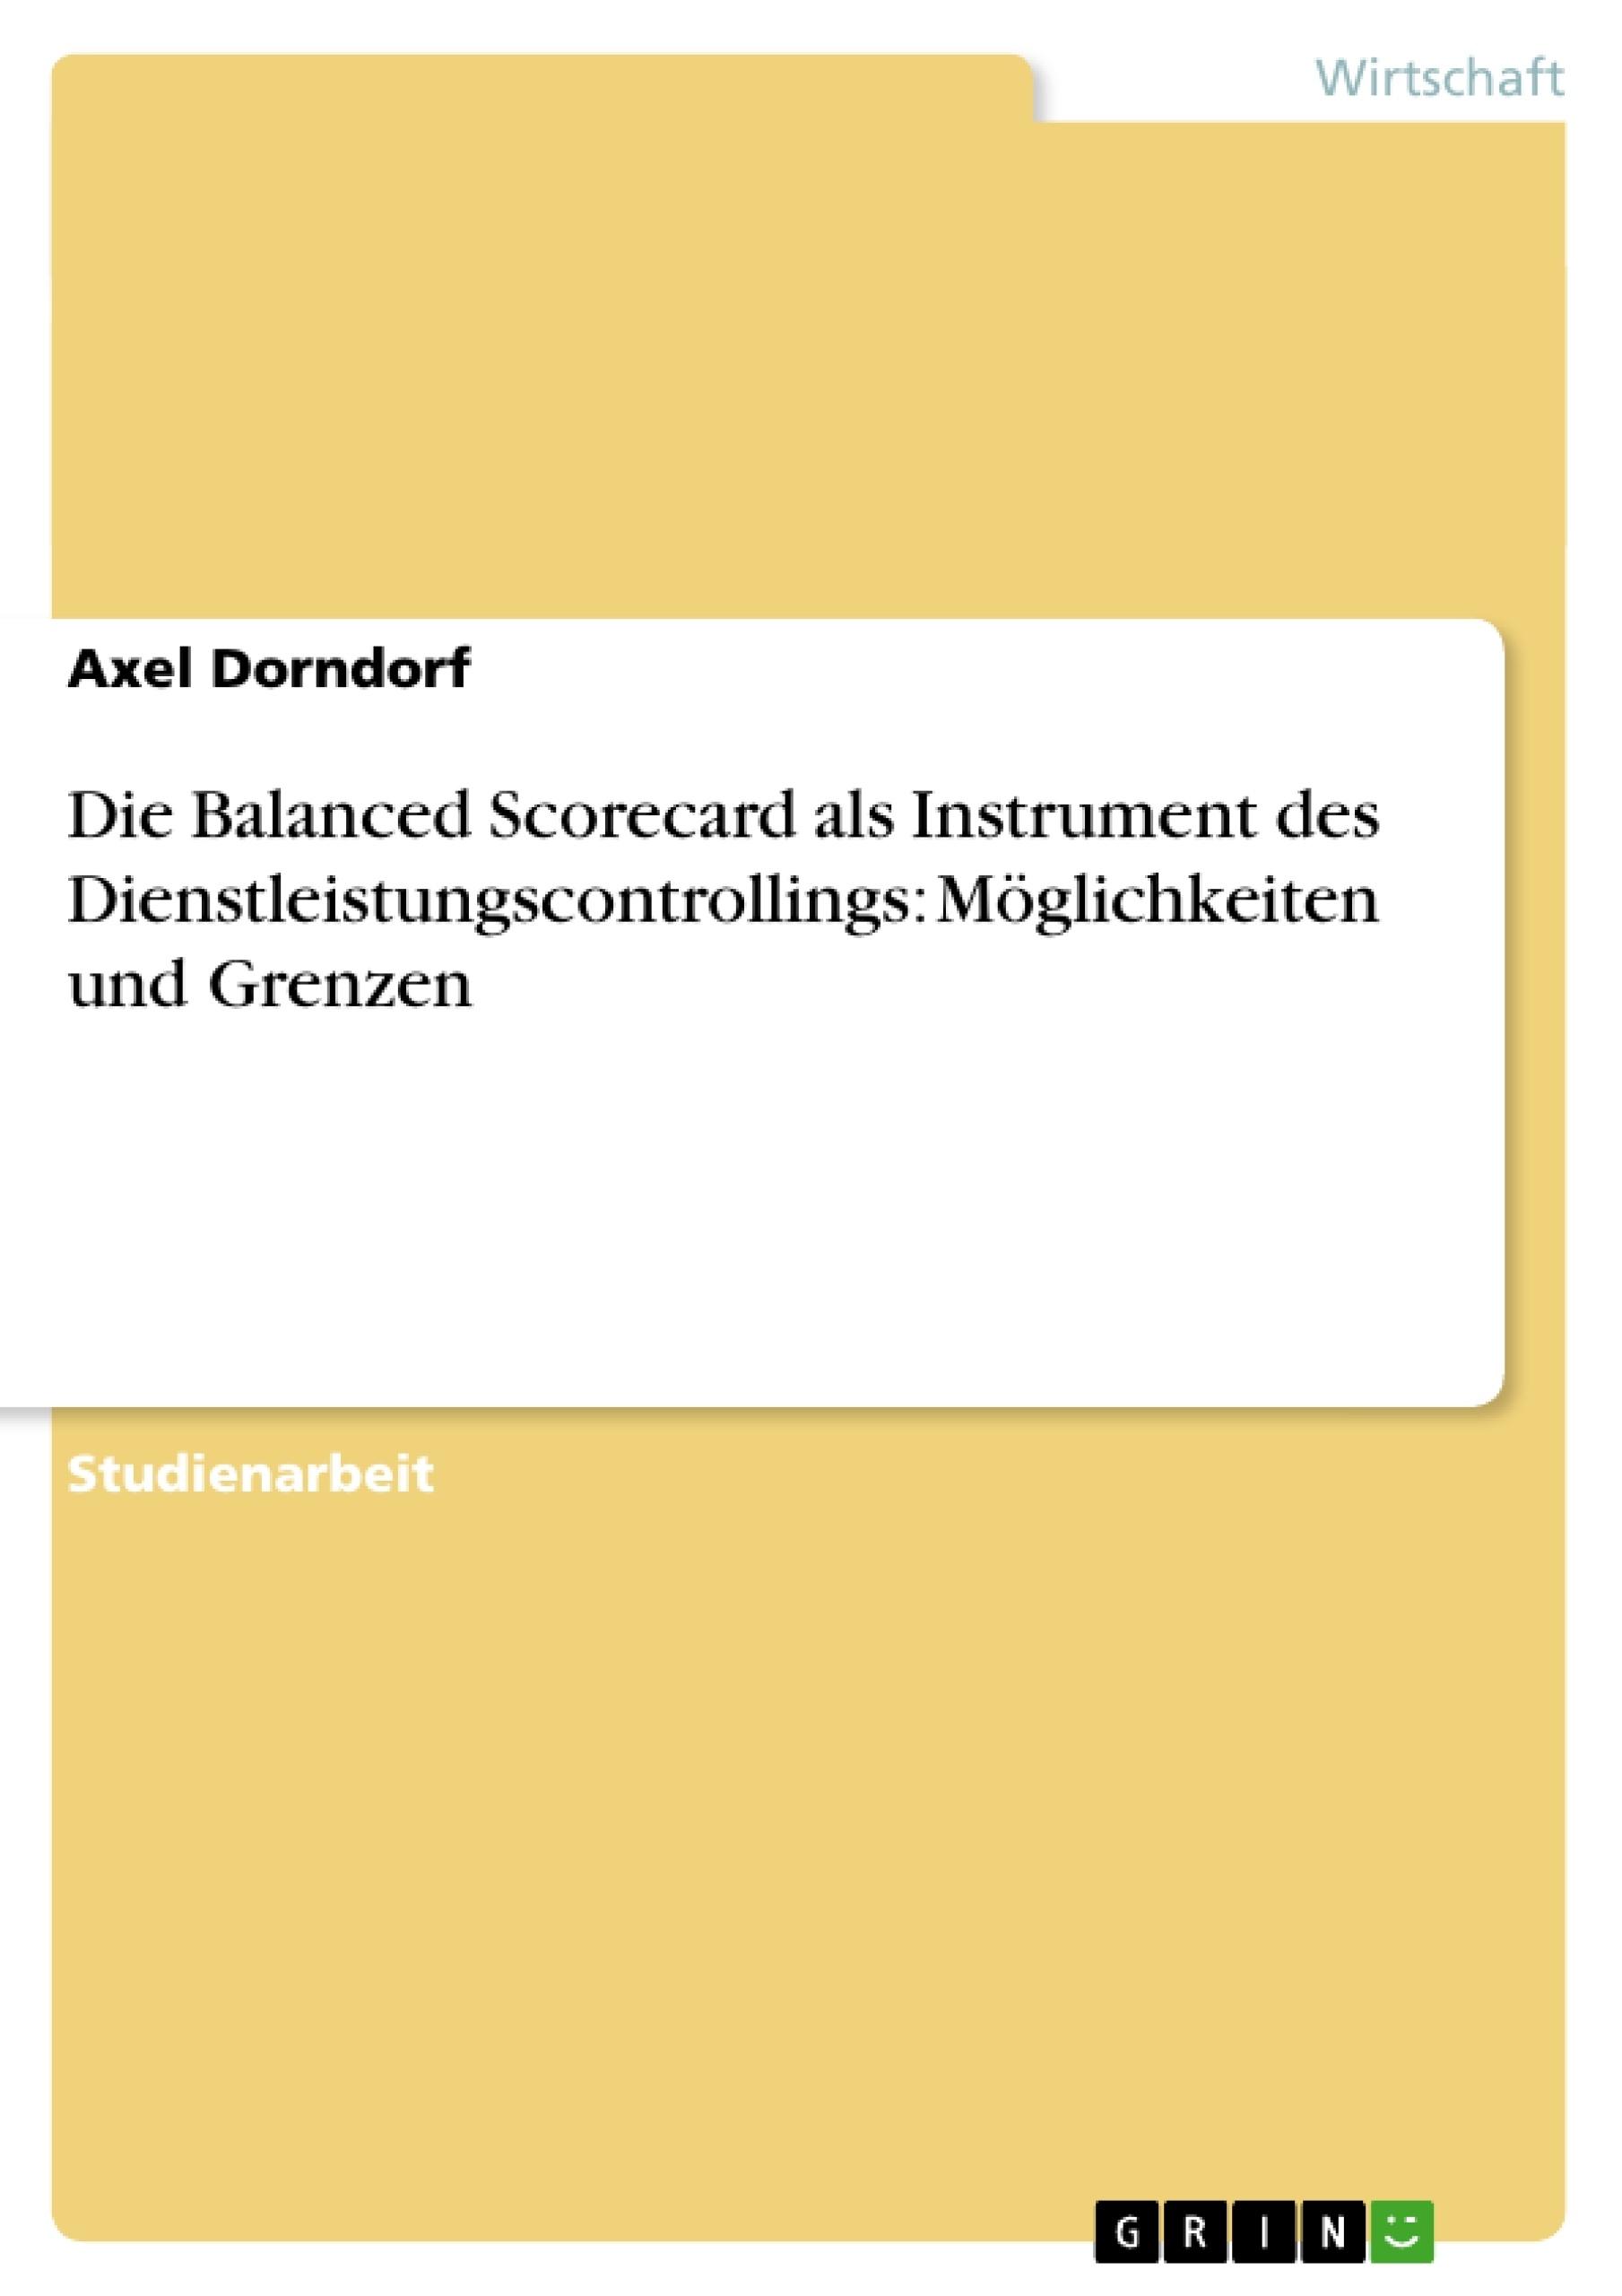 Titel: Die Balanced Scorecard als Instrument des Dienstleistungscontrollings: Möglichkeiten und Grenzen